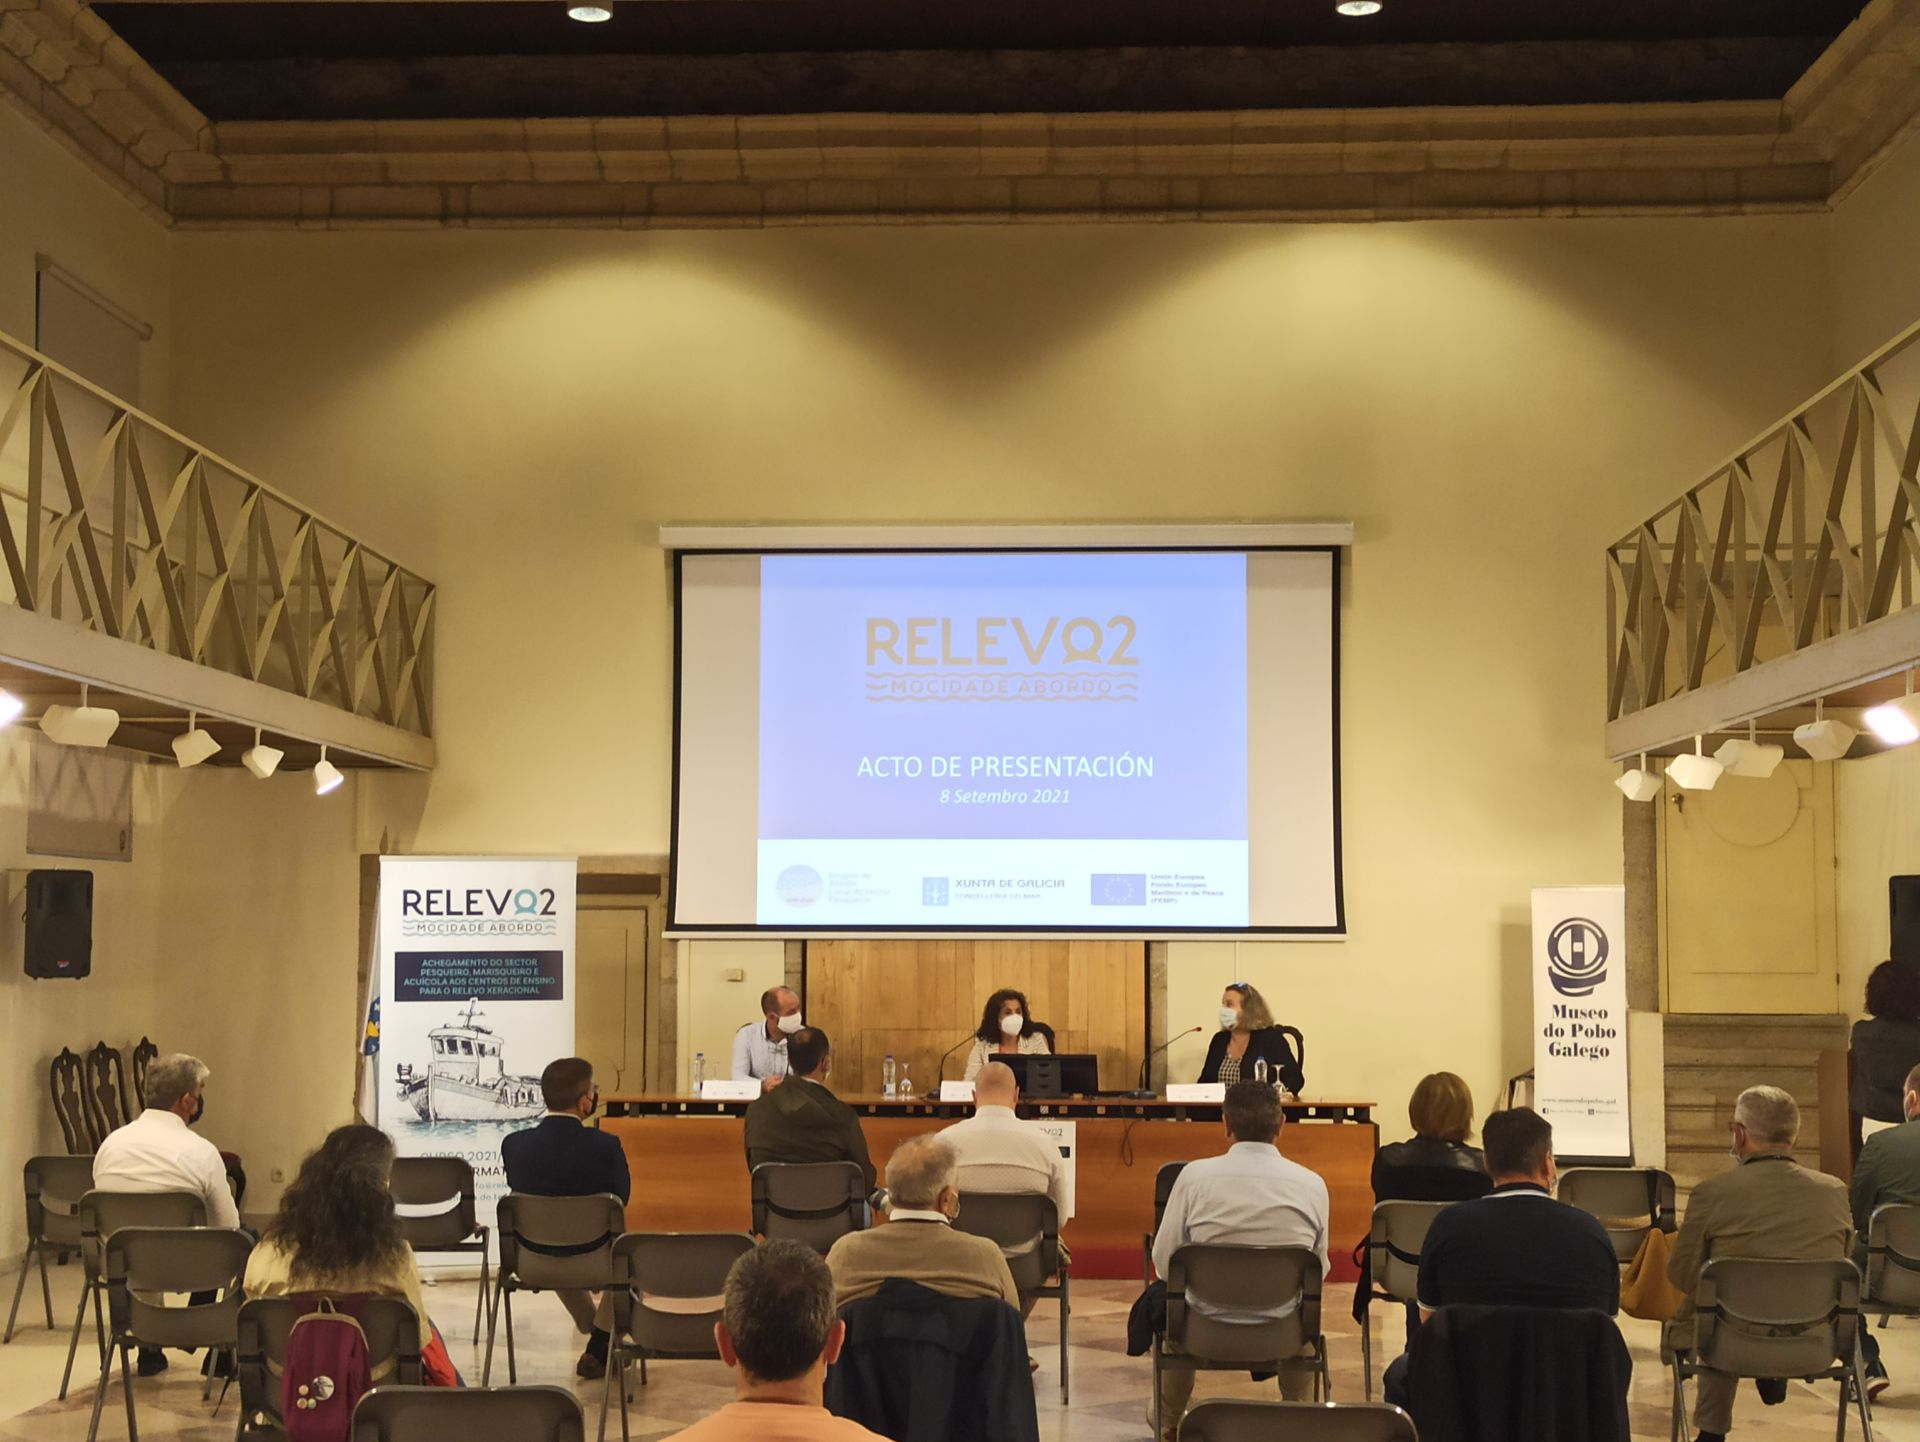 Presentacion Relevo 2 en Santiago de Compostela